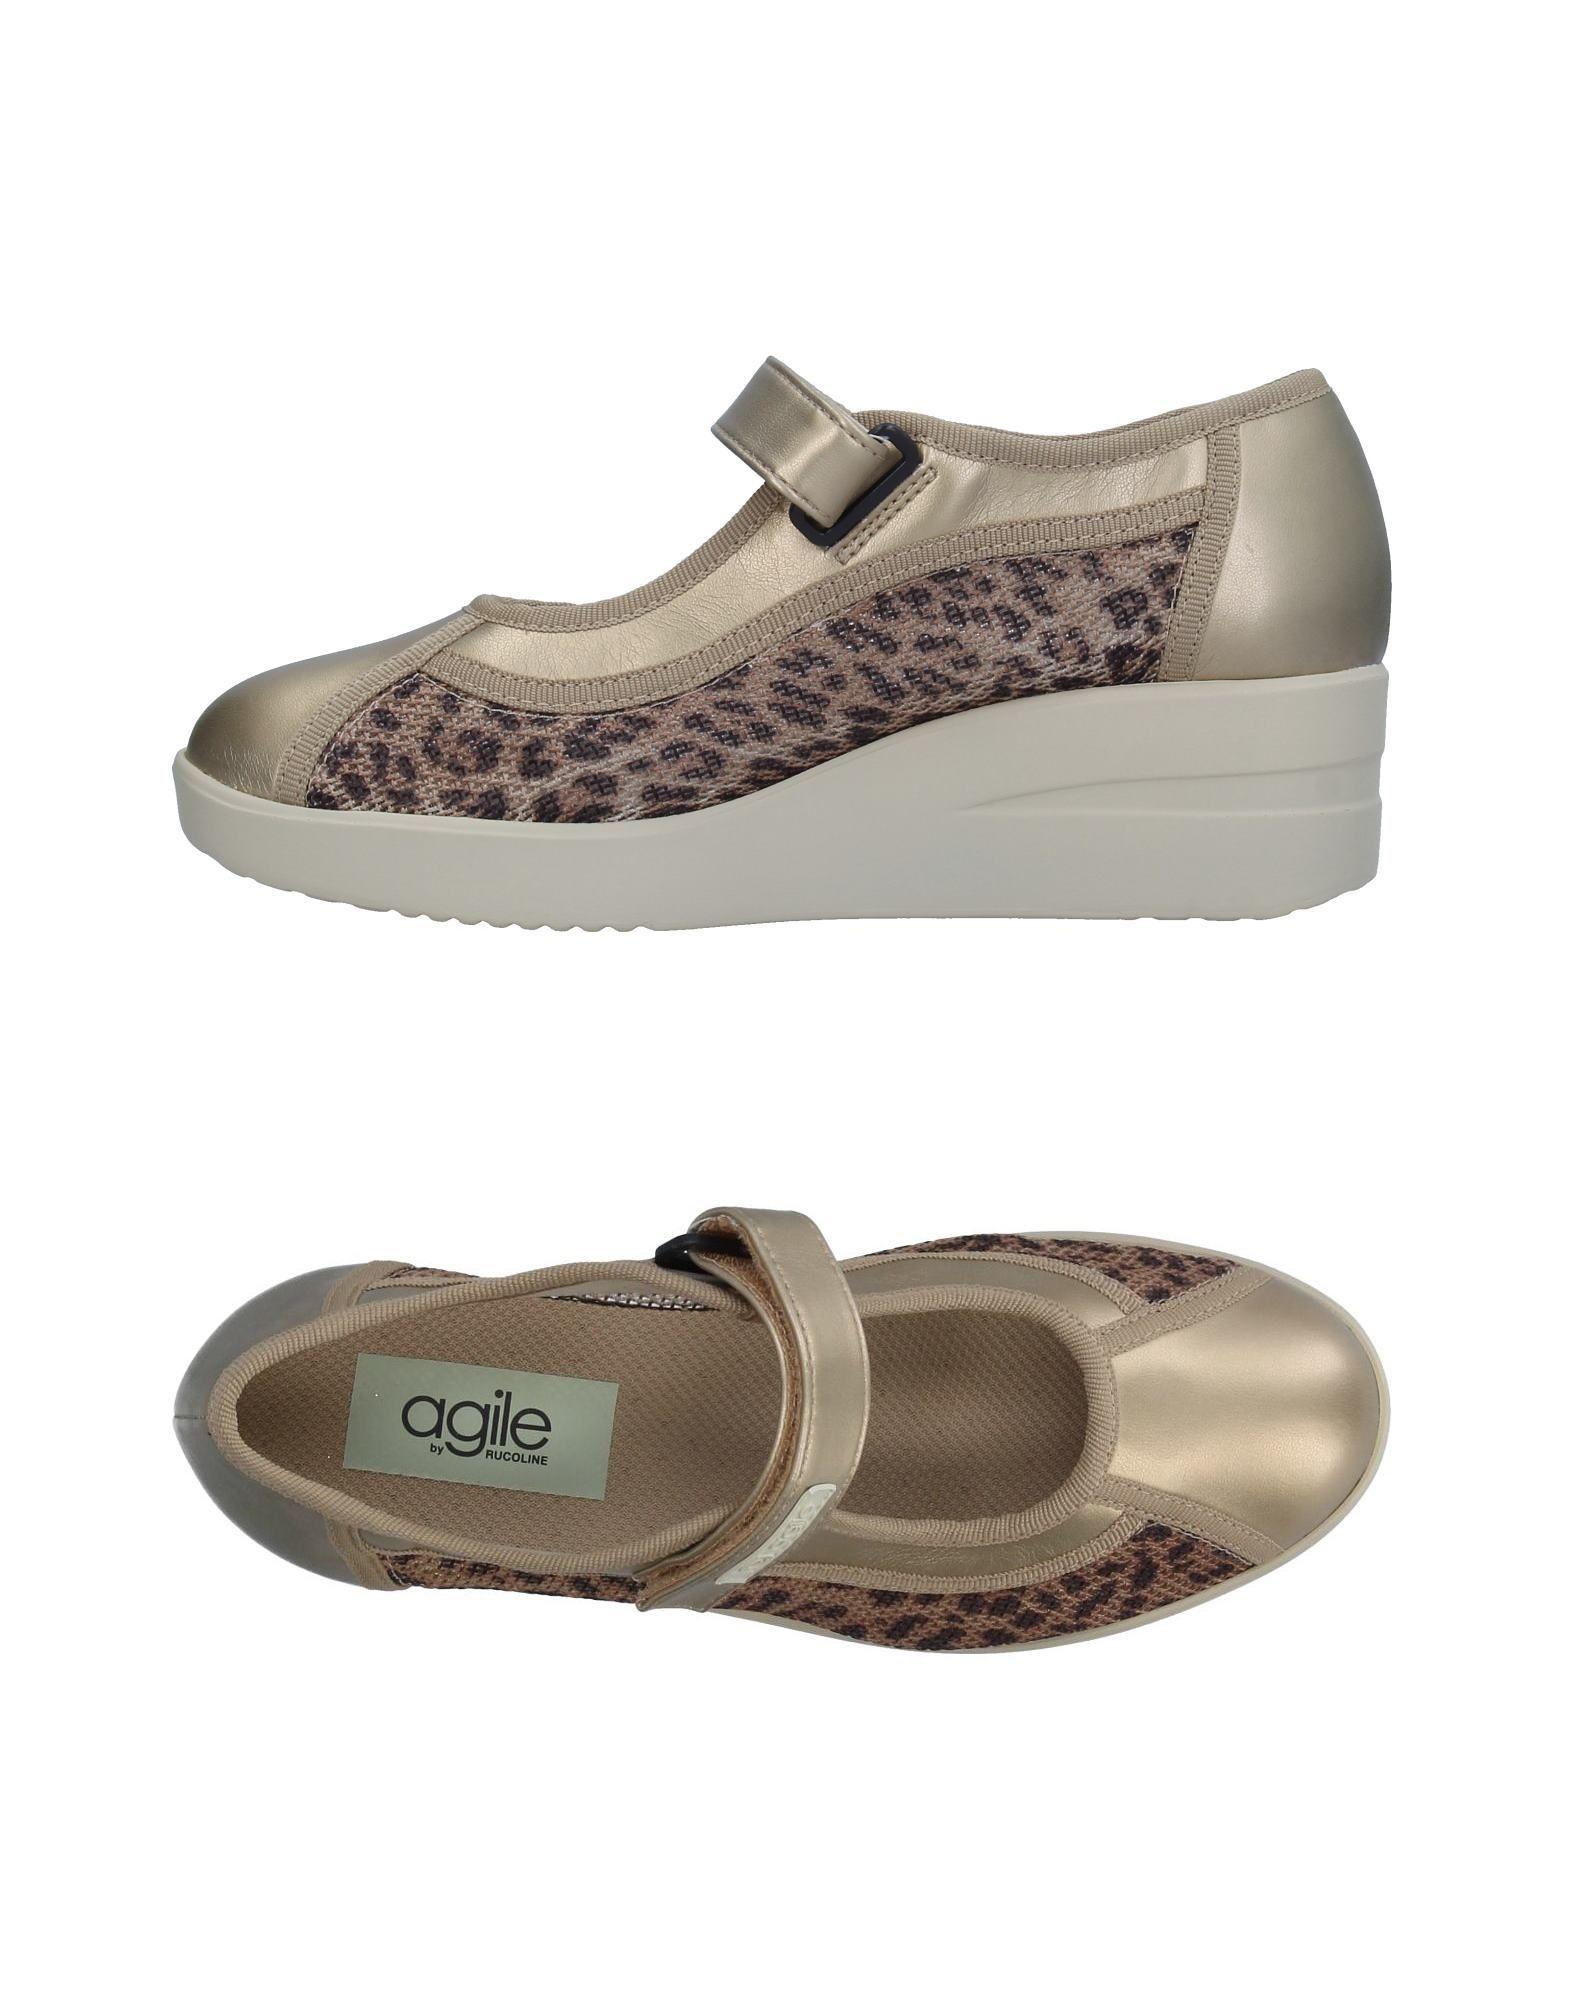 Agile By Agile Rucoline Sneakers - Women Agile By By Rucoline Sneakers online on  United Kingdom - 11334426GU da33ed